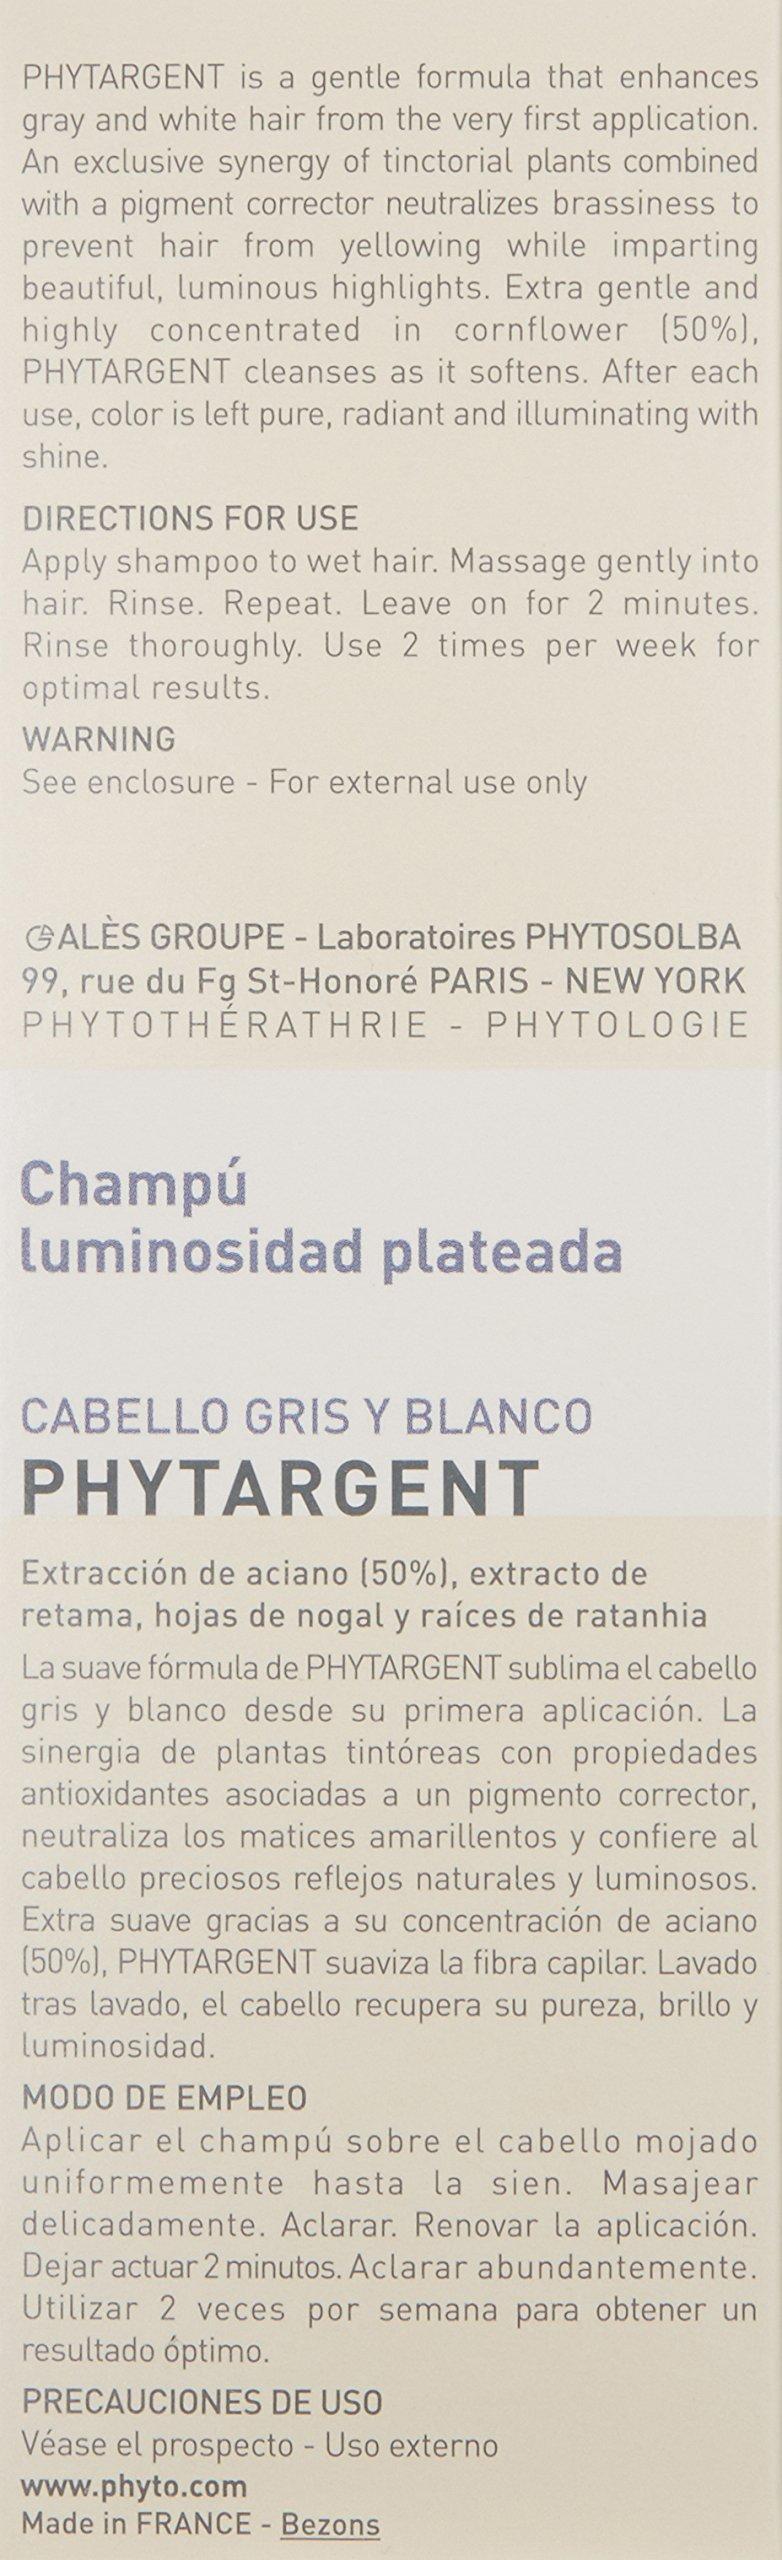 PHYTO PHYTARGENT Brightening Shampoo, 6.7 fl. oz. by PHYTO (Image #4)